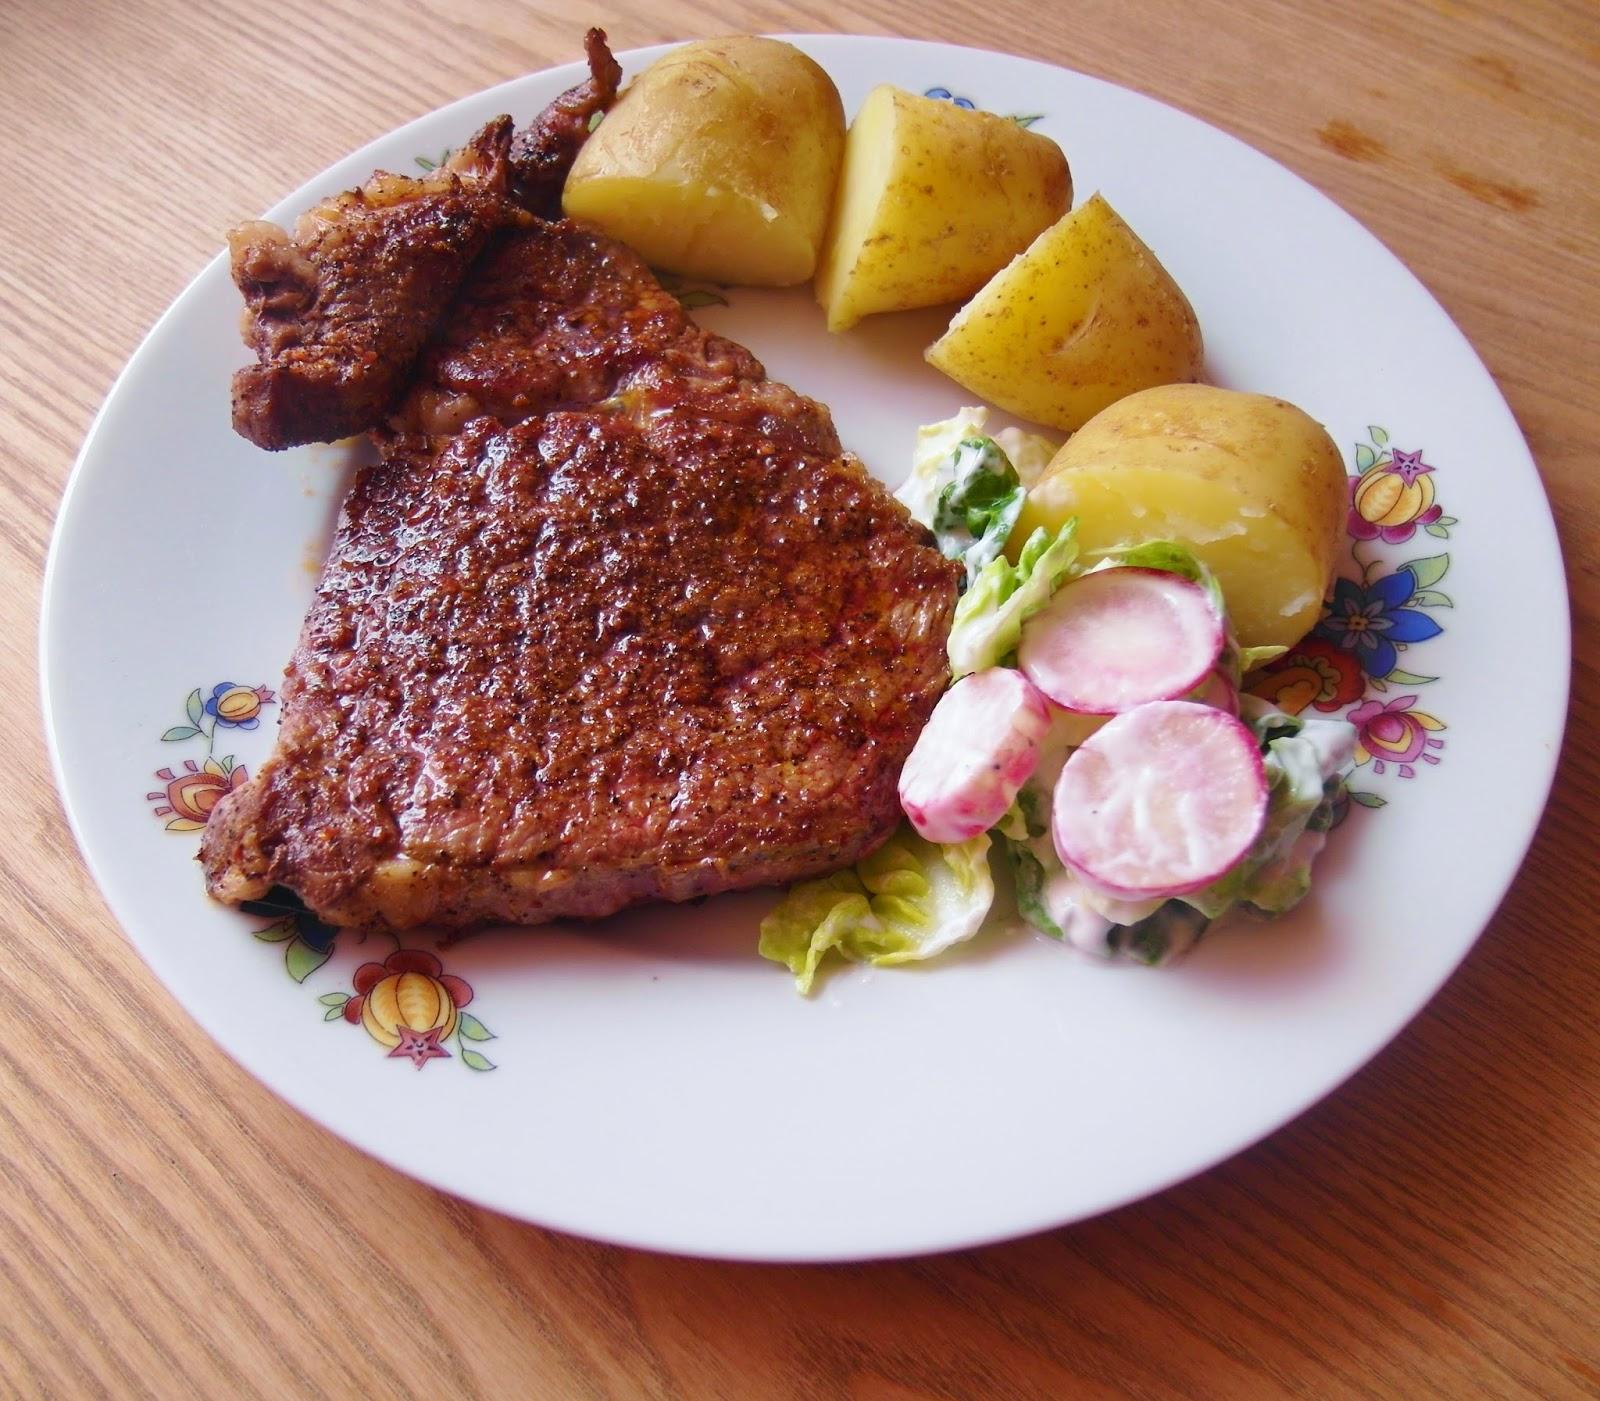 Kuchnia z wyrakiem: Na grilla: Coffee rubbed steak - stek ...